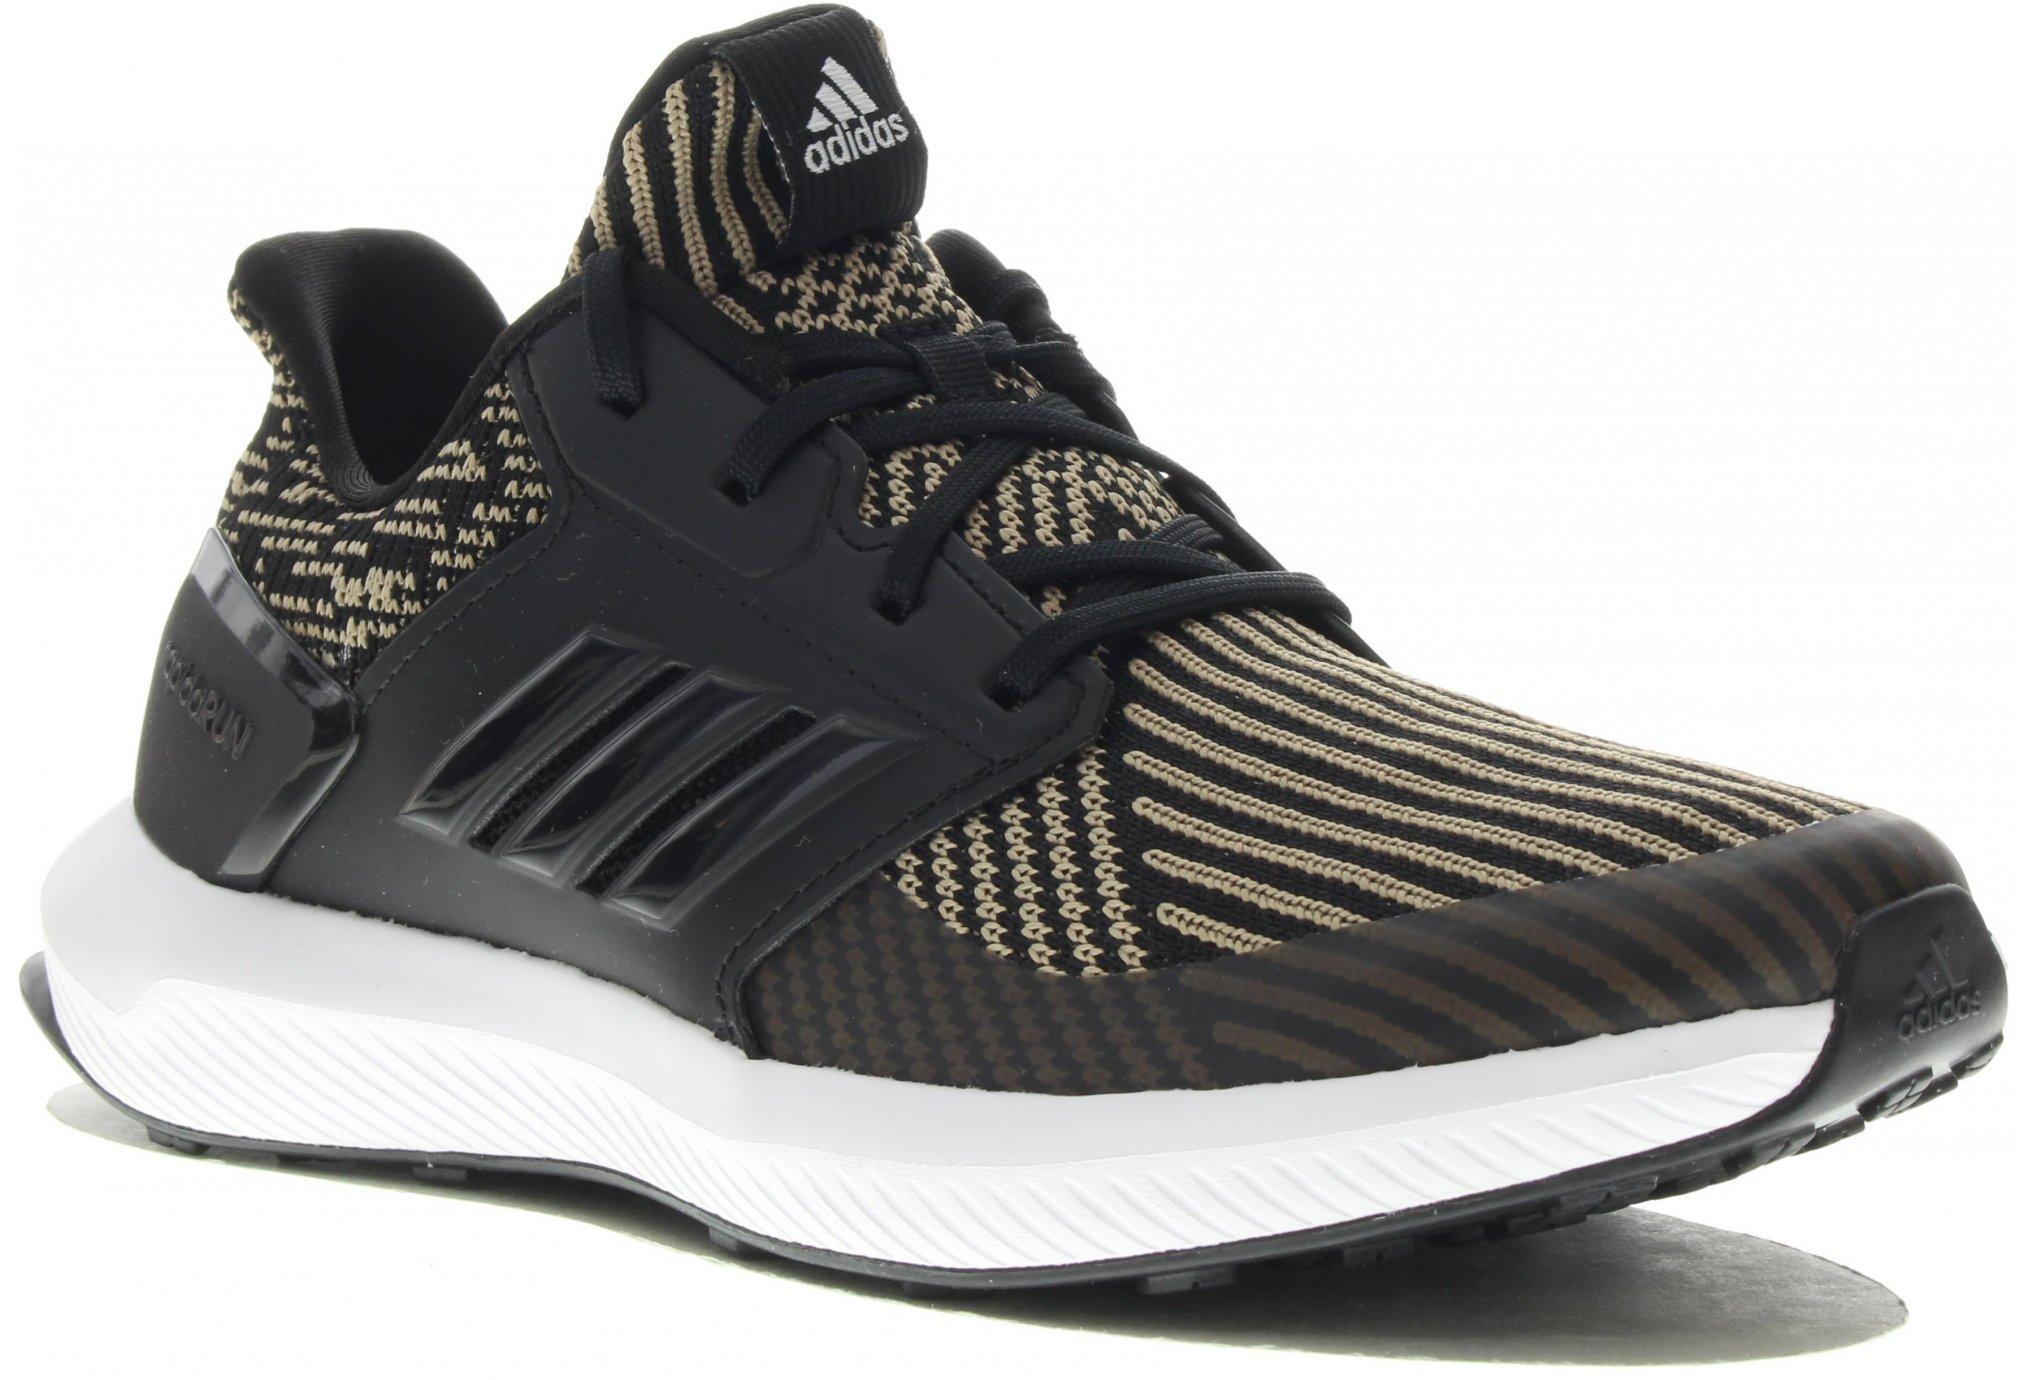 online store 66a2c 8bb25 adidas RapidaRun Knit Fille Chaussures running femme